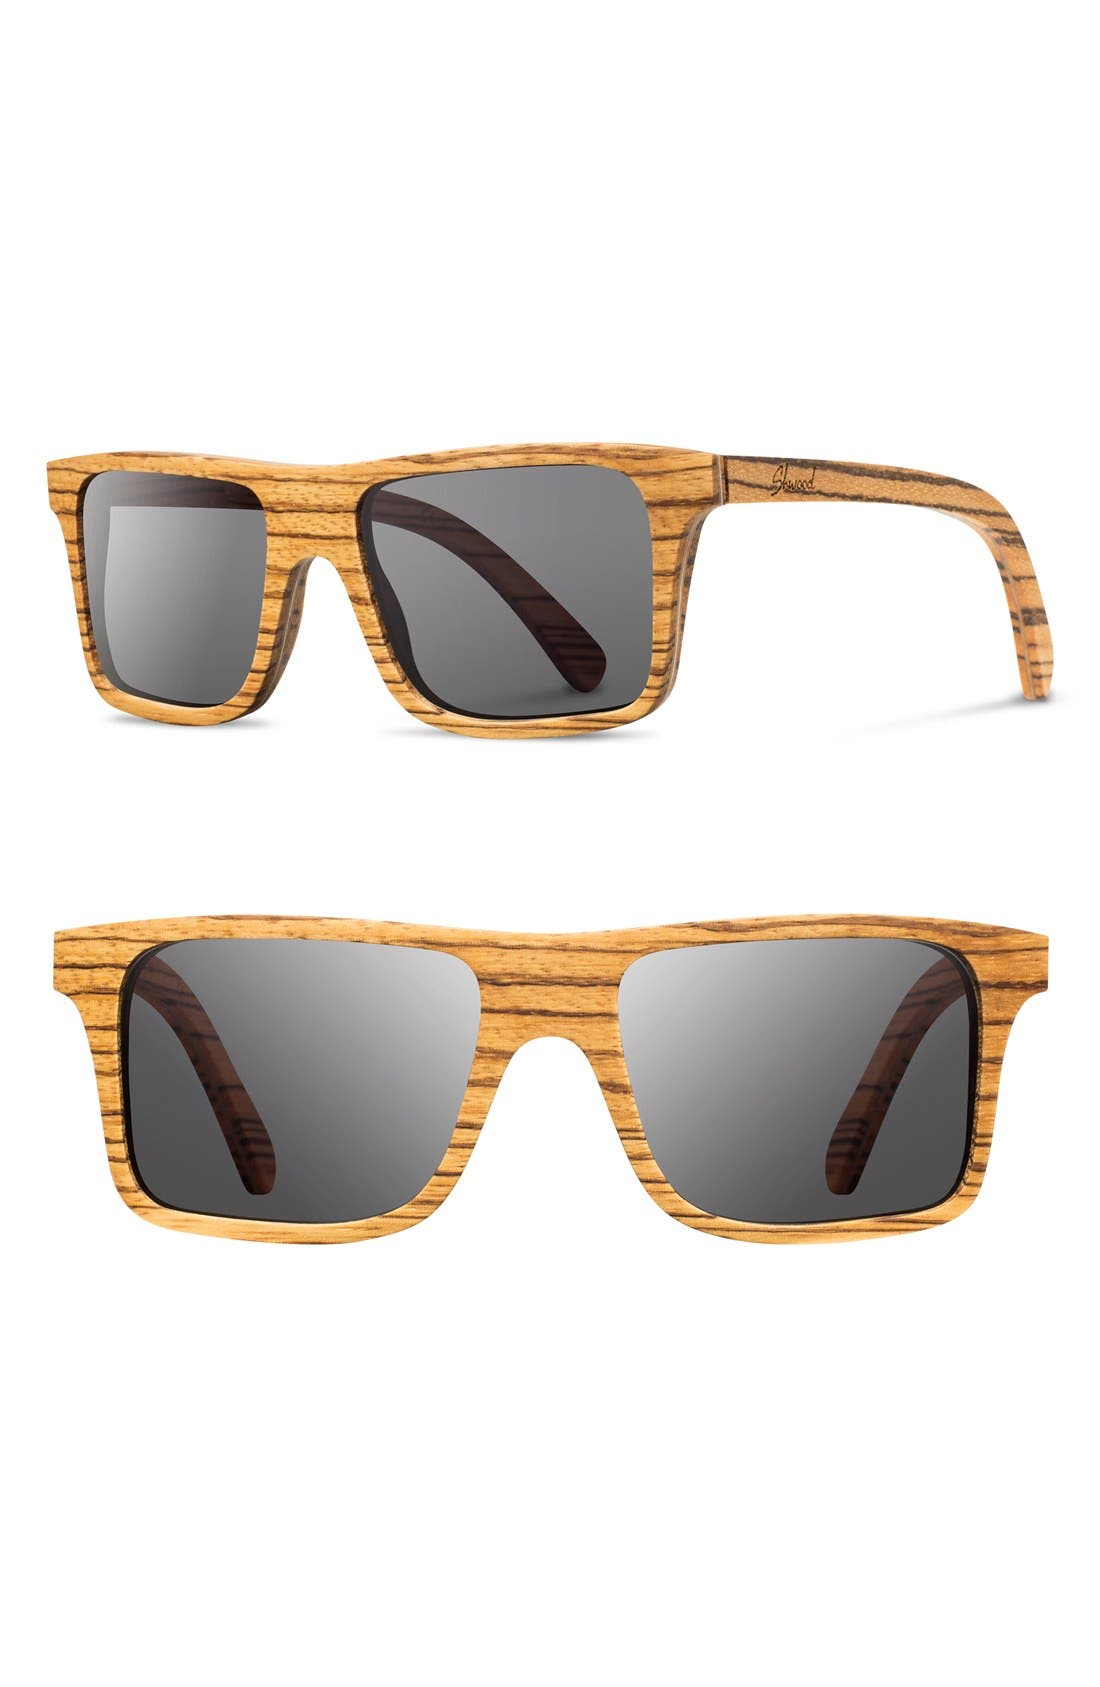 Main Image - Shwood 'Govy' 53mm Wood Sunglasses